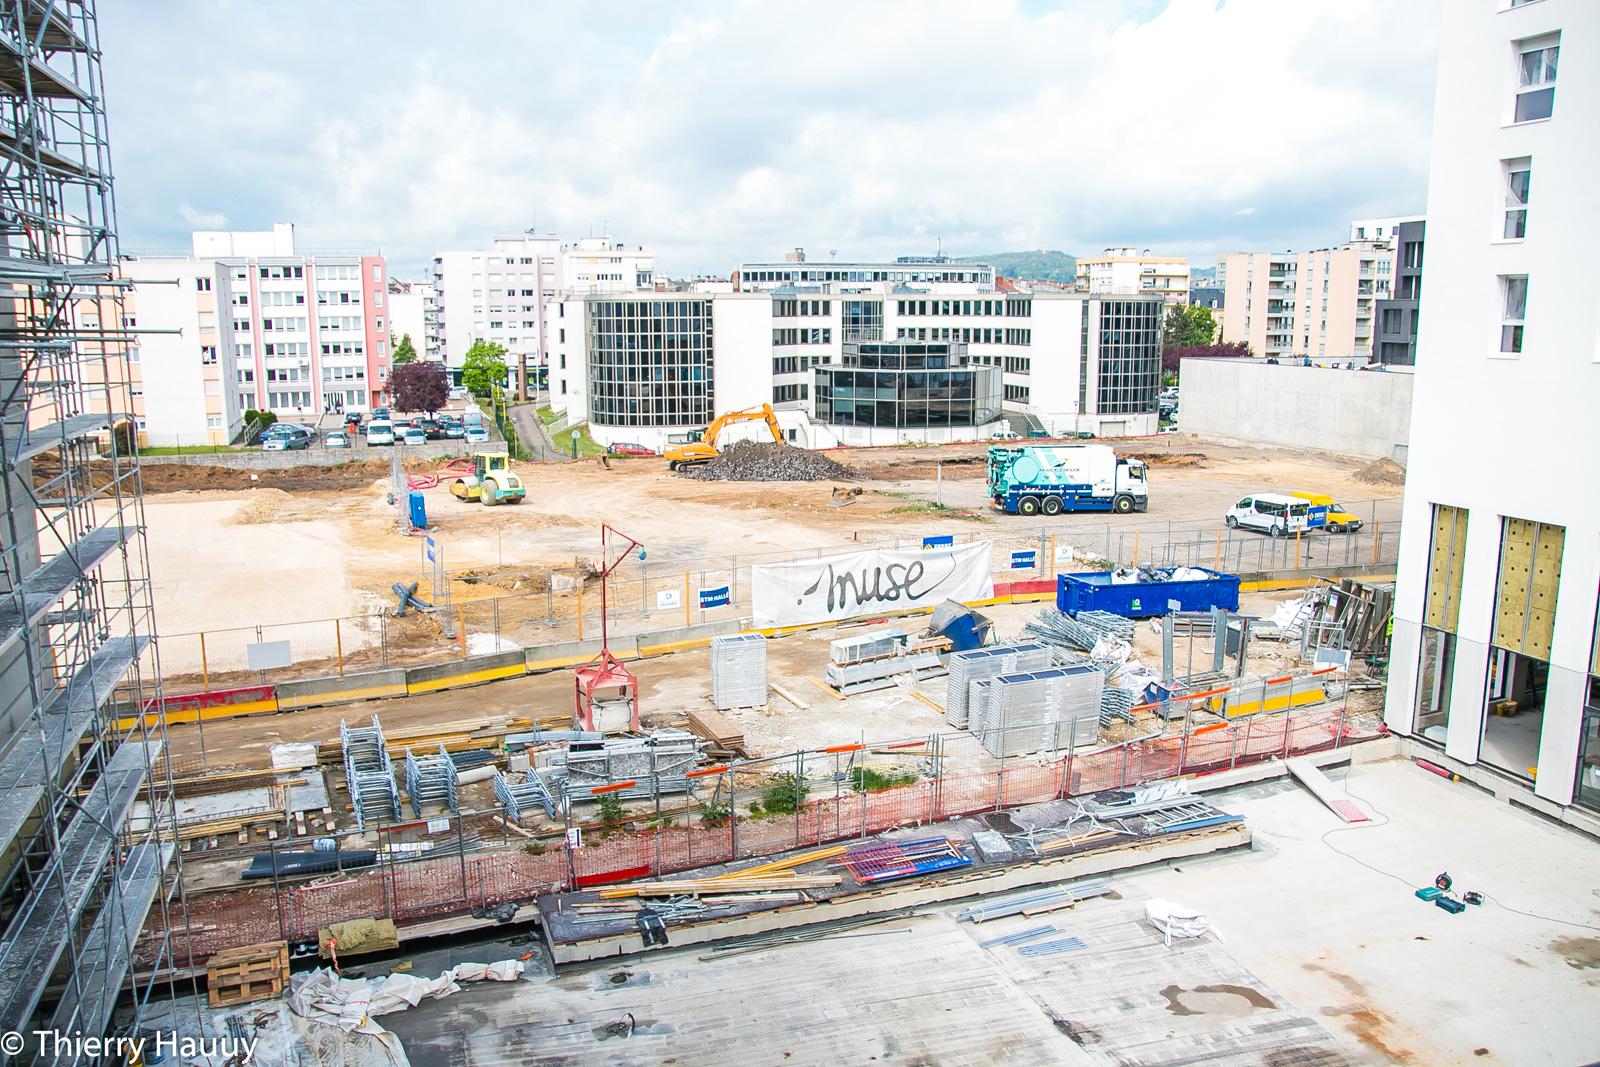 Forum emploi à Montigny-lès-Metz : le BTP recrute et forme